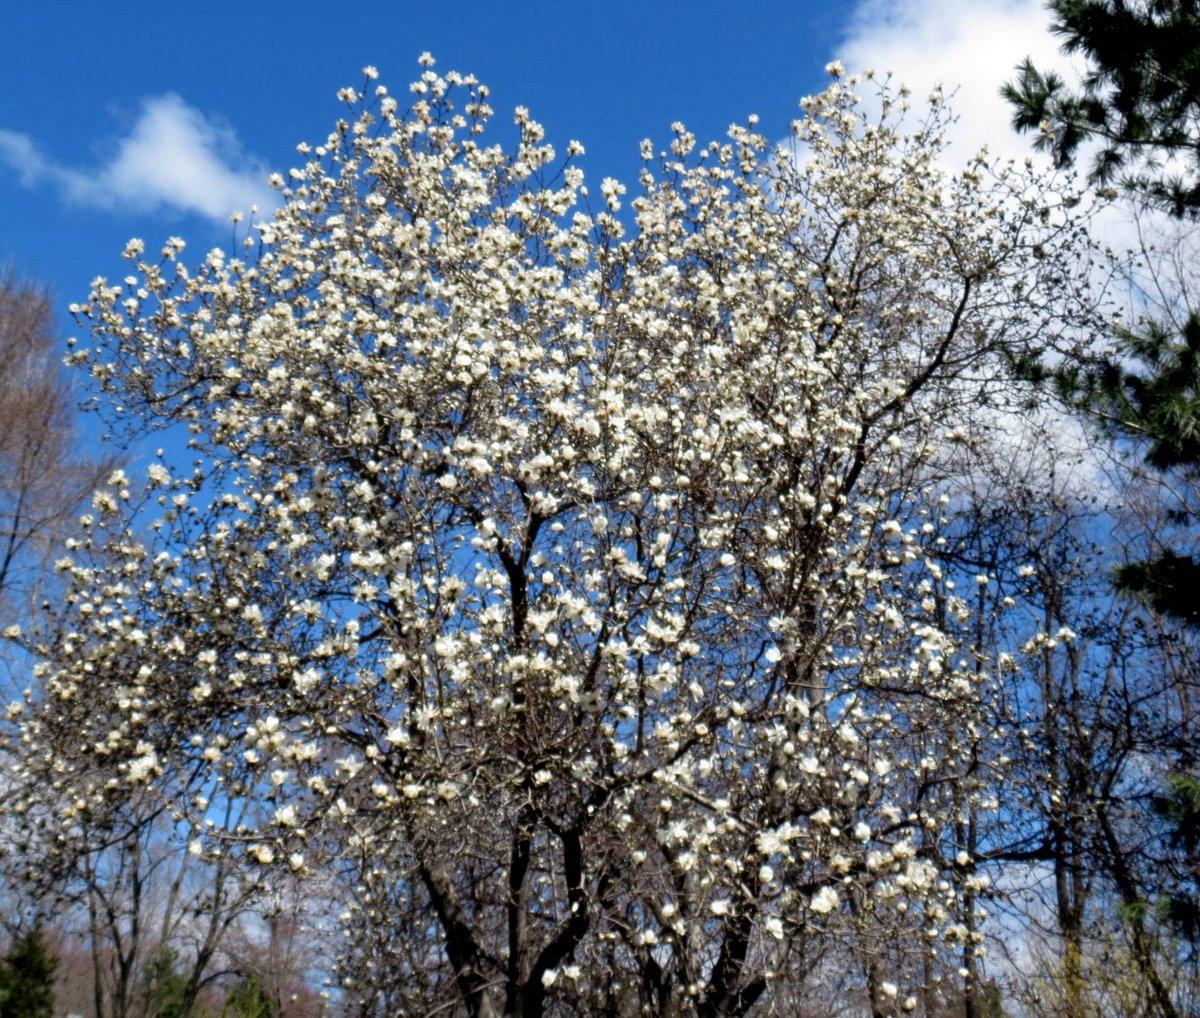 7. Magnolia